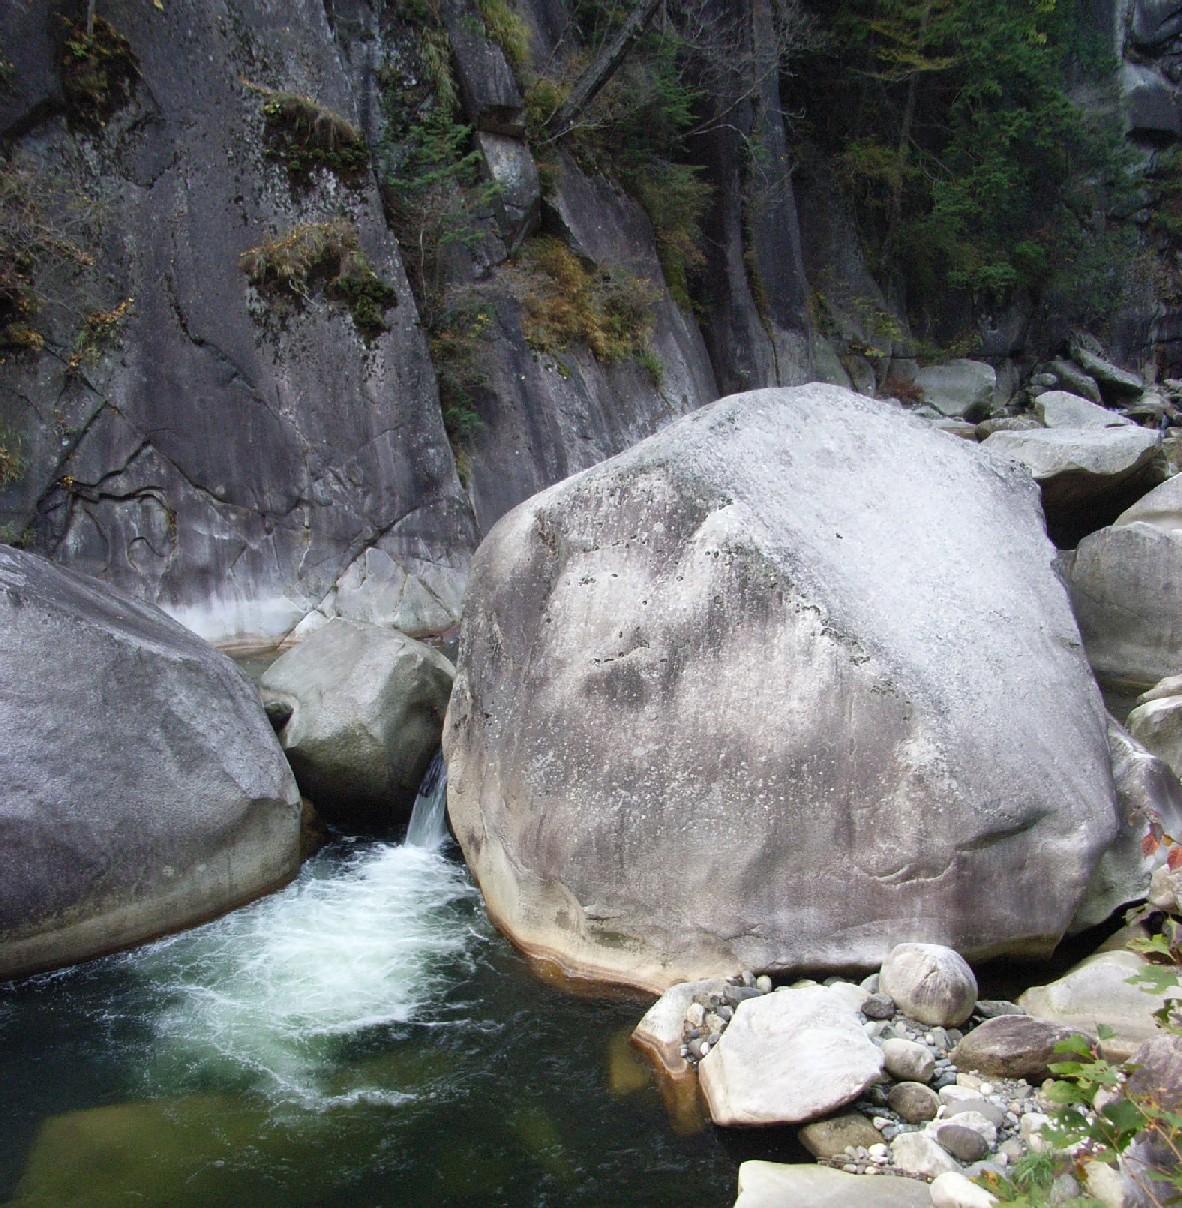 覚円峰(かくえんぽう) 巨大な岩の塊、絶景です 岩の隙間からもこもこ緑...  HAPPY♪ P